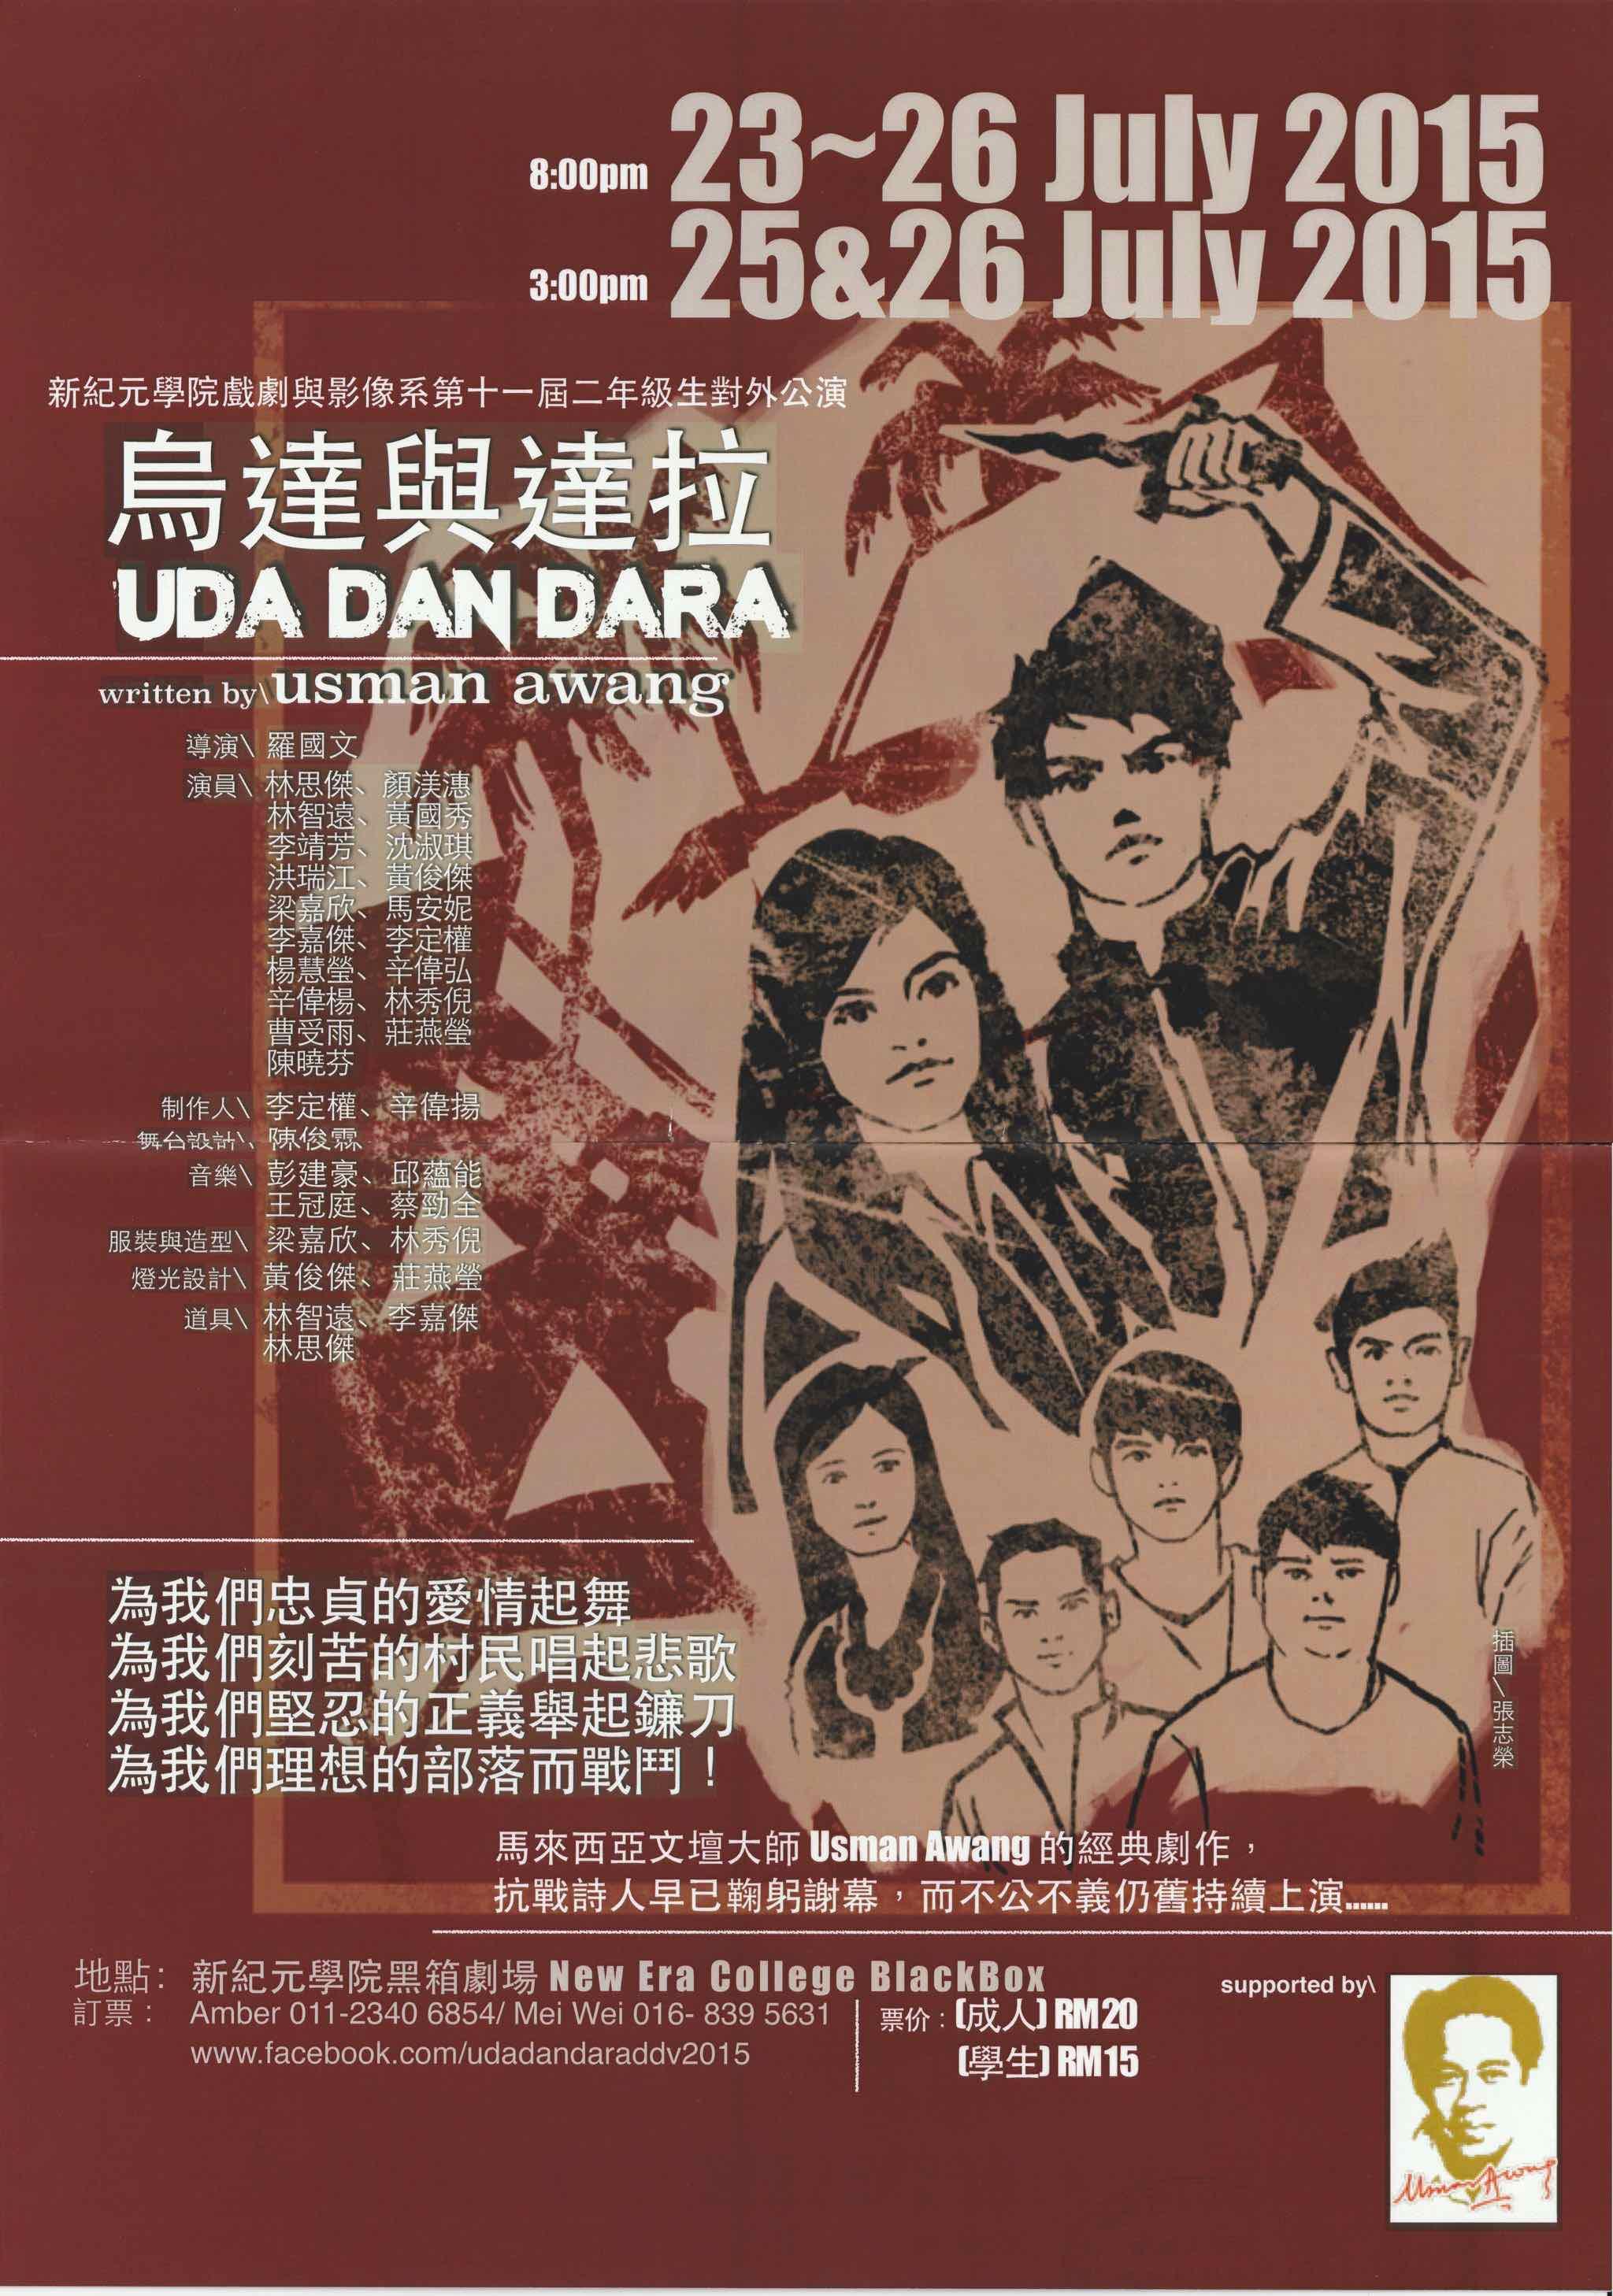 2015 Uda Dan Dara Booklet Poster